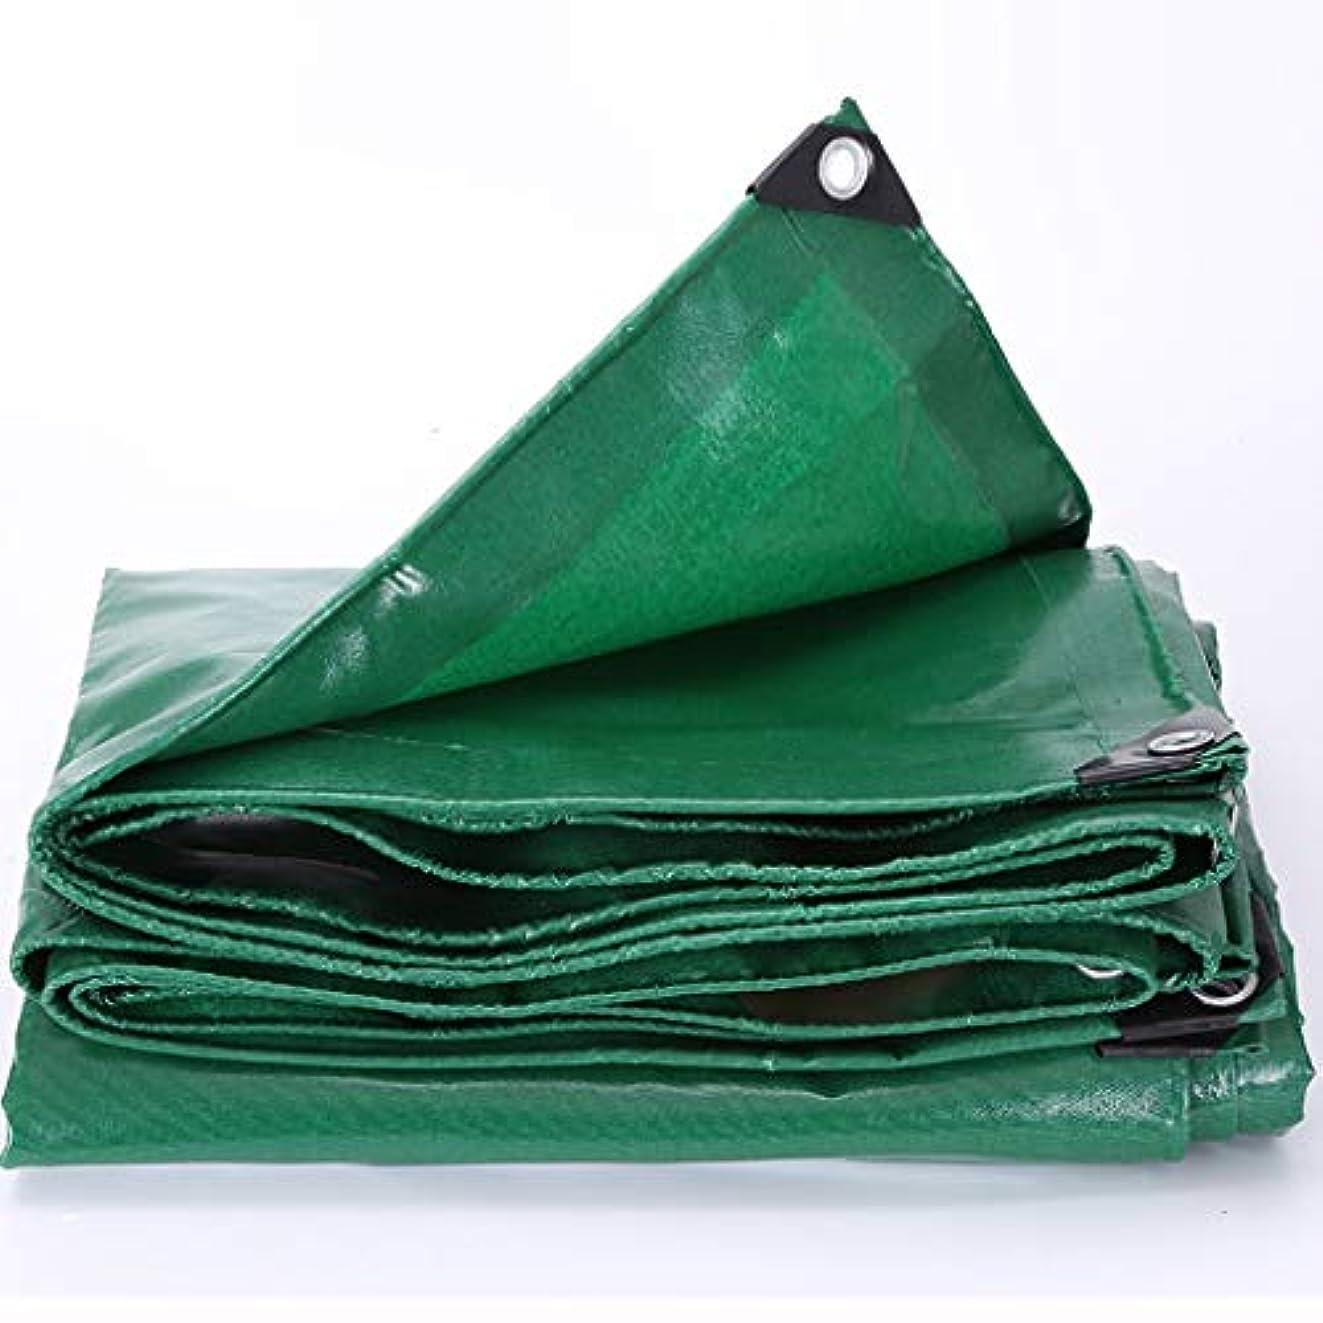 仮装混乱天のアウトドア 防水シートオーニング避難所/厚い日除けクロス車の防水シート屋外用カバークロス高品質耐摩耗性プル テント (Color : Green, Size : 300*300cm)